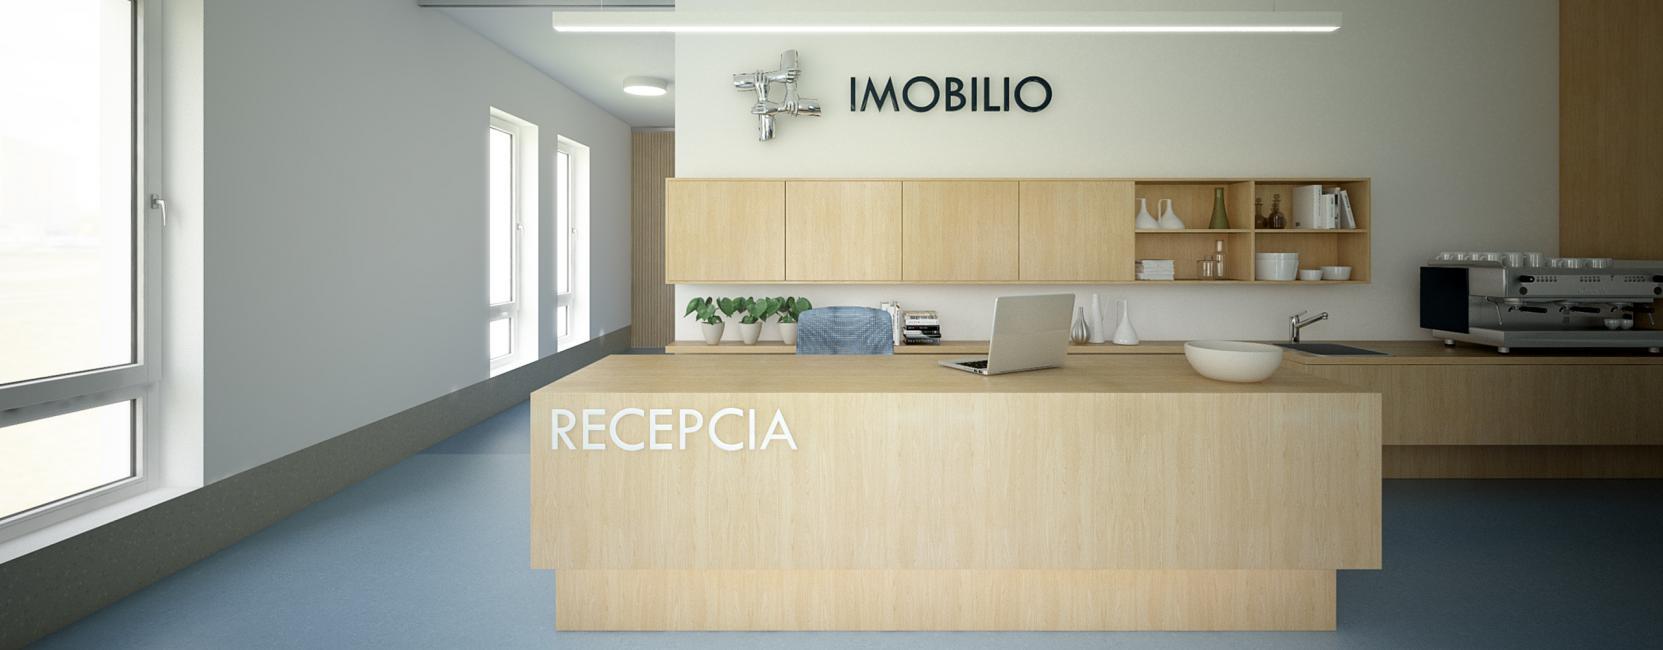 Imobilio - návrh interiérov pre OZ